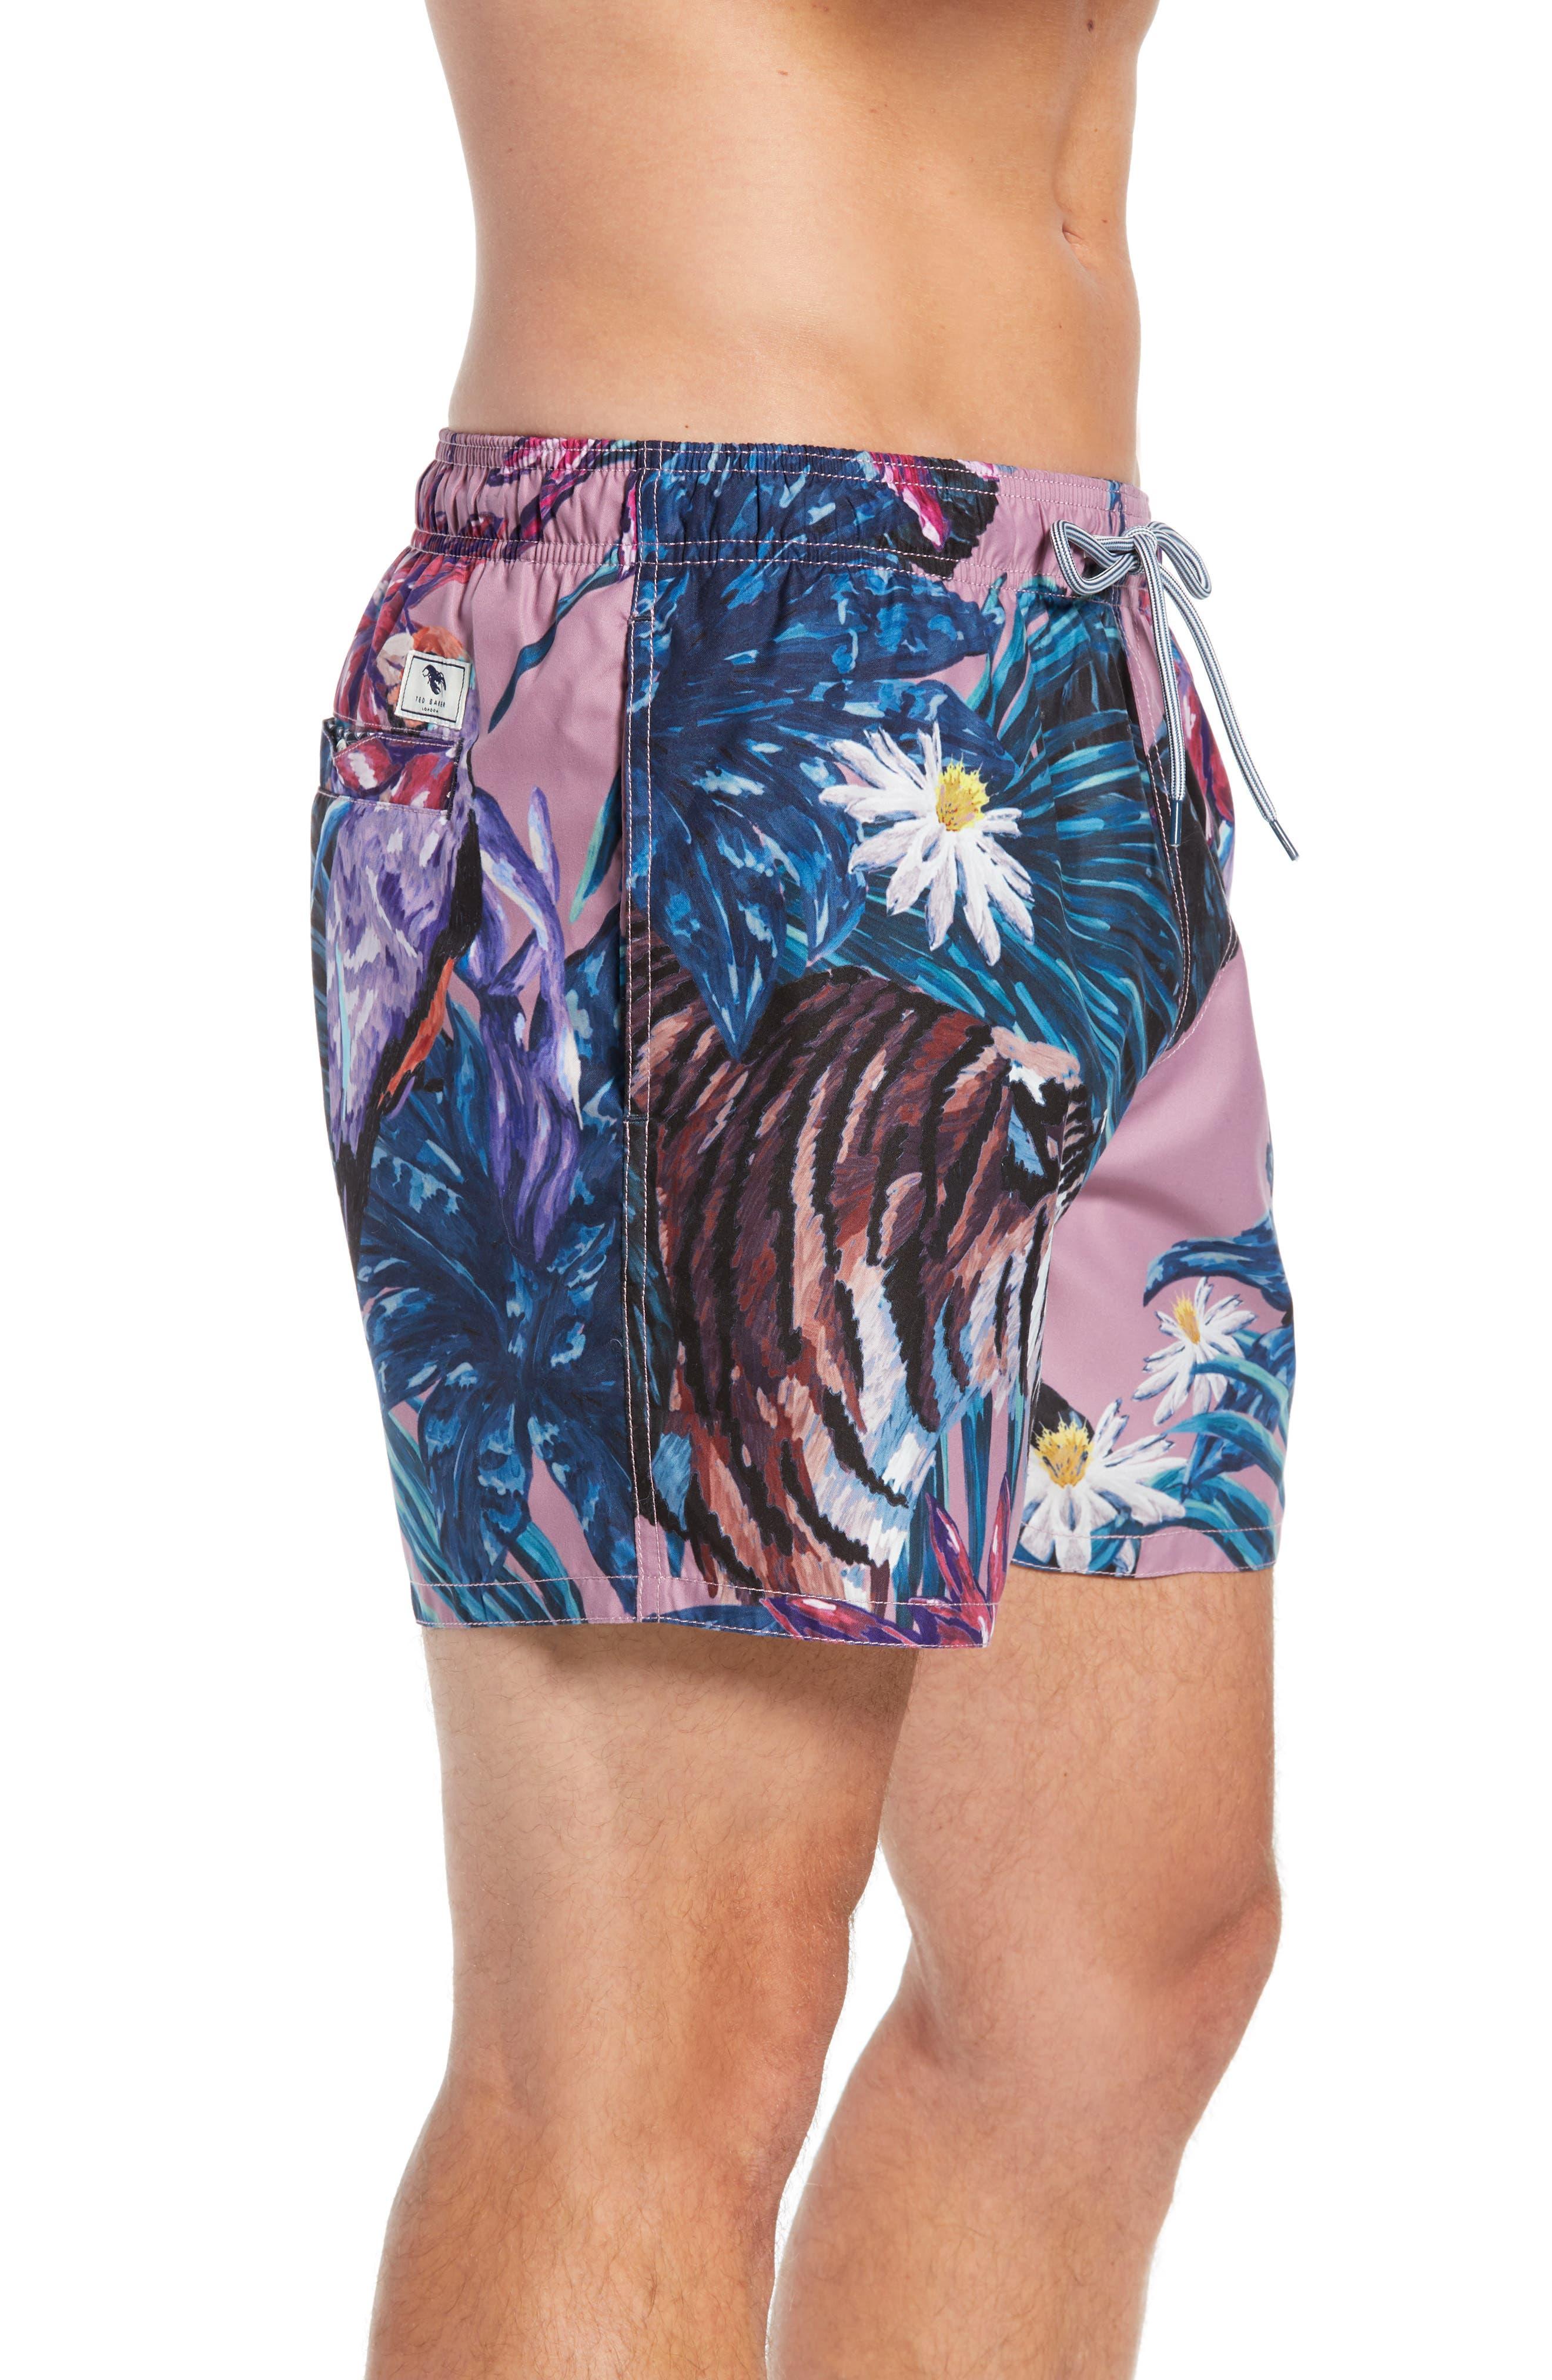 Nemo Tiger Print Swim Shorts,                             Alternate thumbnail 3, color,                             660